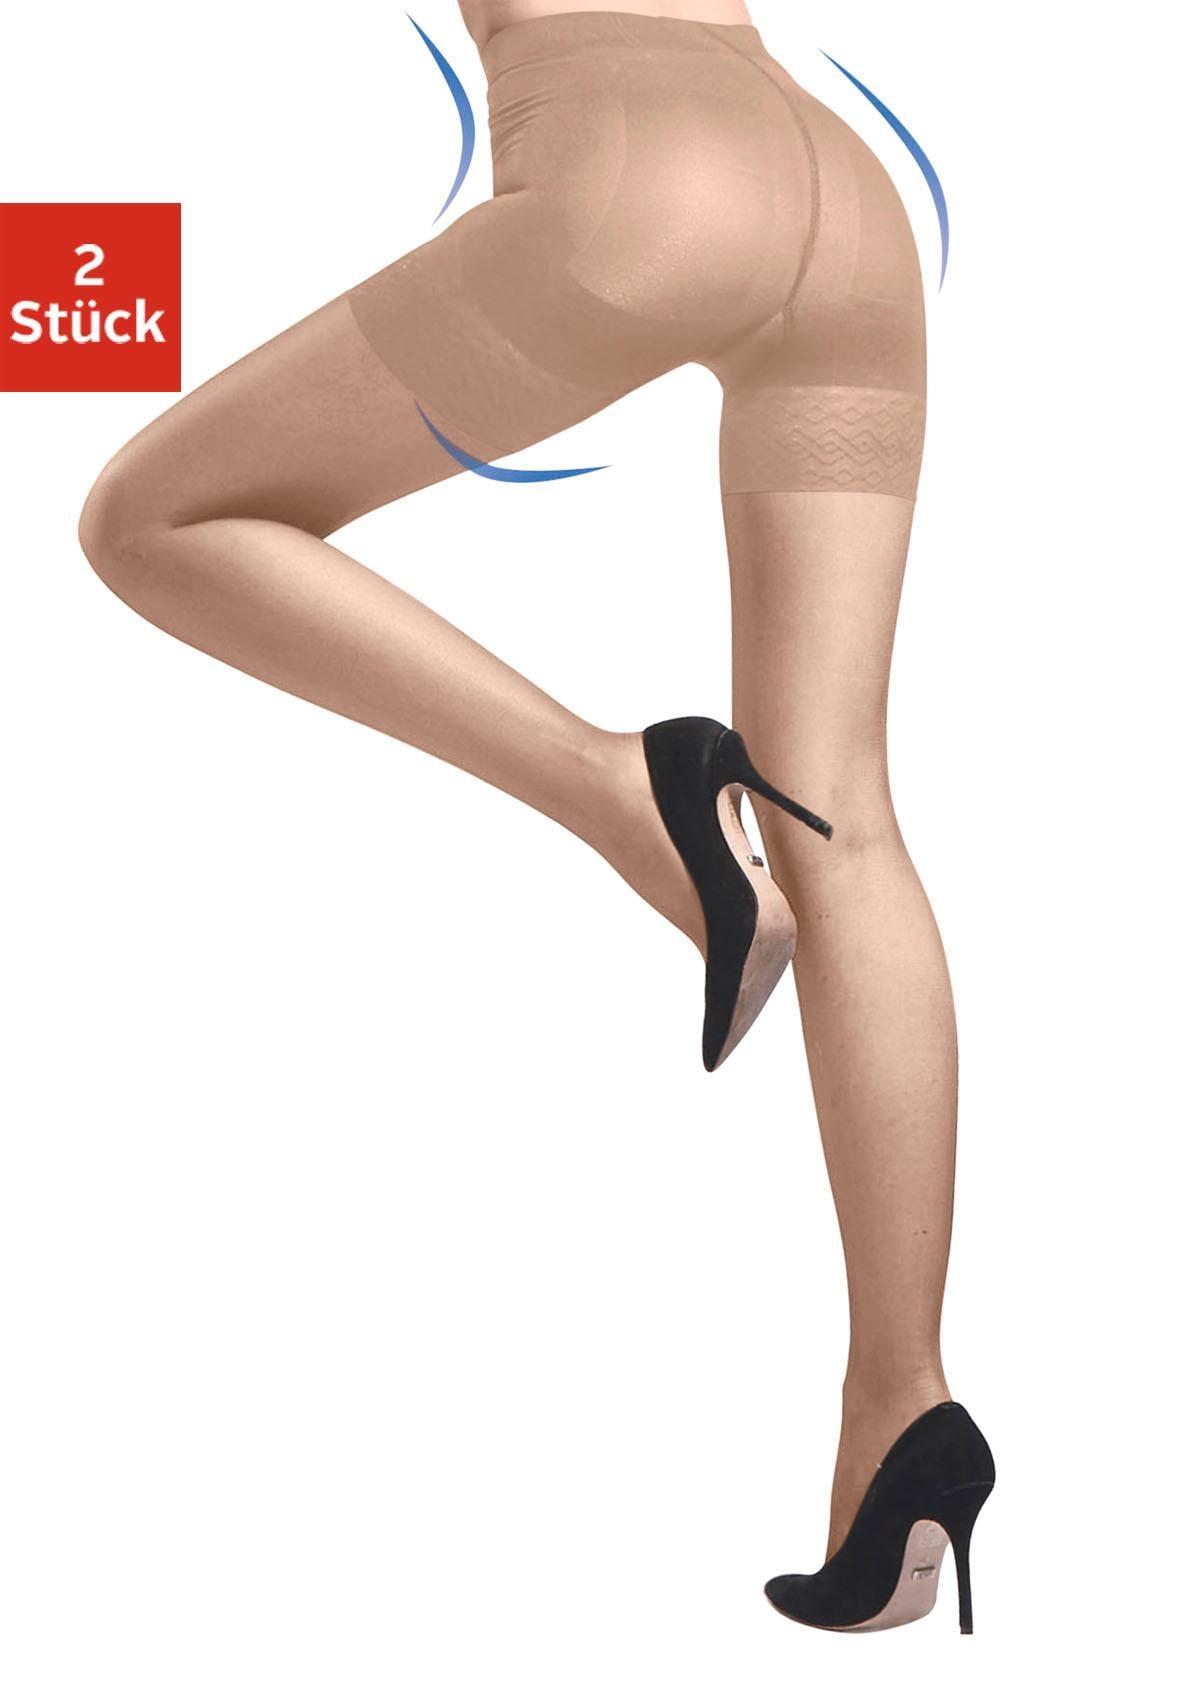 Disée Stützstrumpfhose 20 DEN (Packung 2 Stück) | Unterwäsche & Reizwäsche > Strumpfhosen > Stützstrumpfhosen | Disée